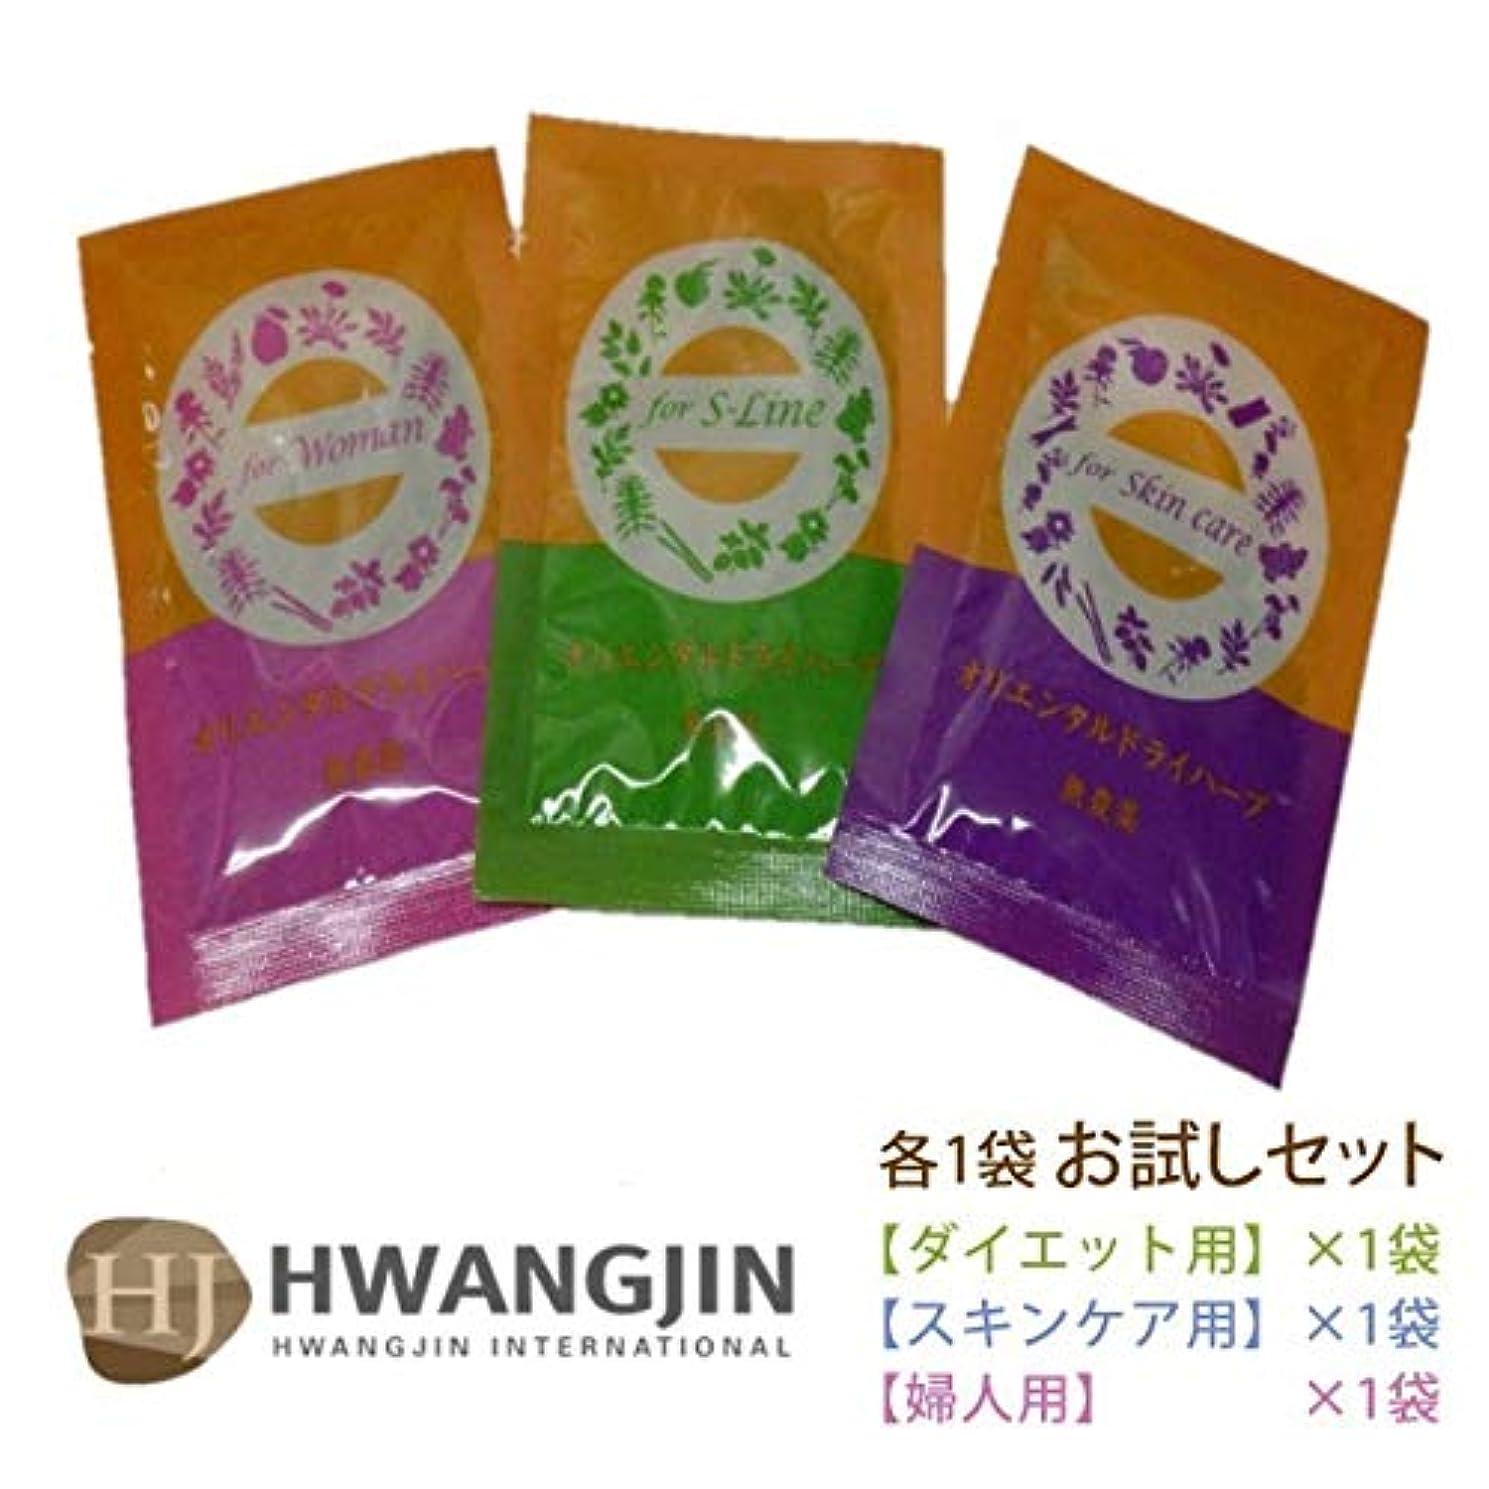 基礎たぶん忘れるファンジン黄土 座浴剤 3袋 正規品【お試しセット】 (3種(ダイエット、女性、皮膚美容)各1袋)